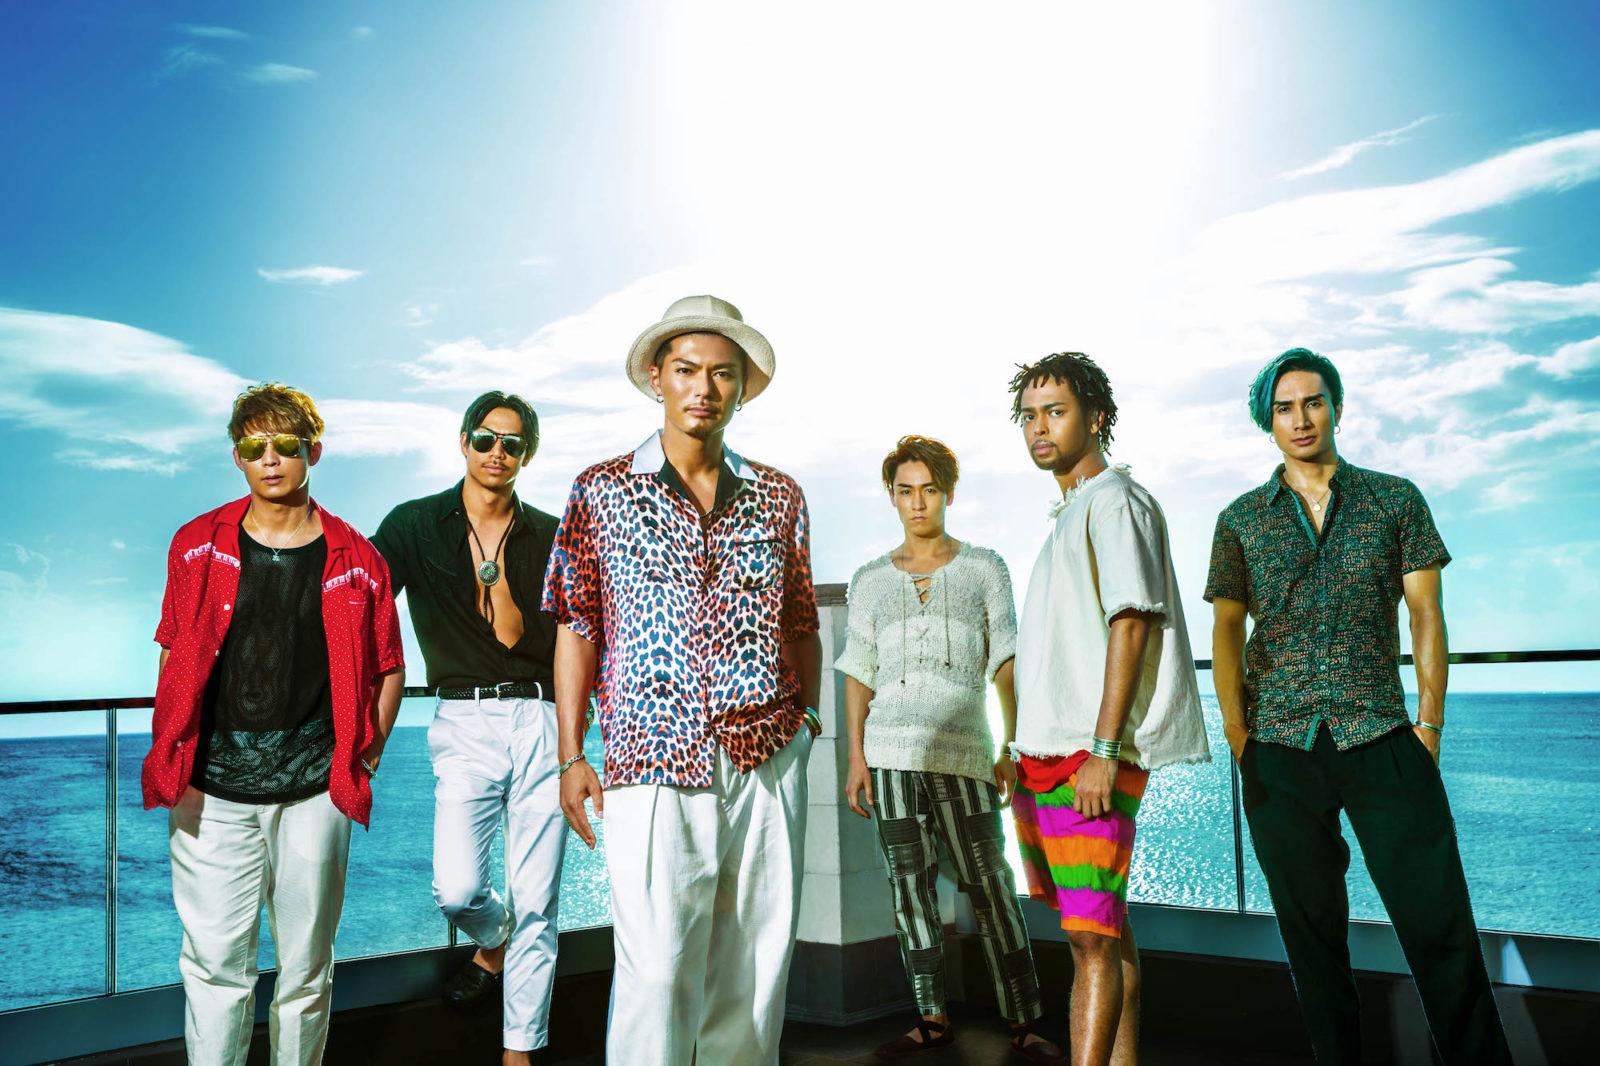 EXILE THE SECOND、新曲「Summer Lover」 がこの夏のダブルテーマソングに決定サムネイル画像